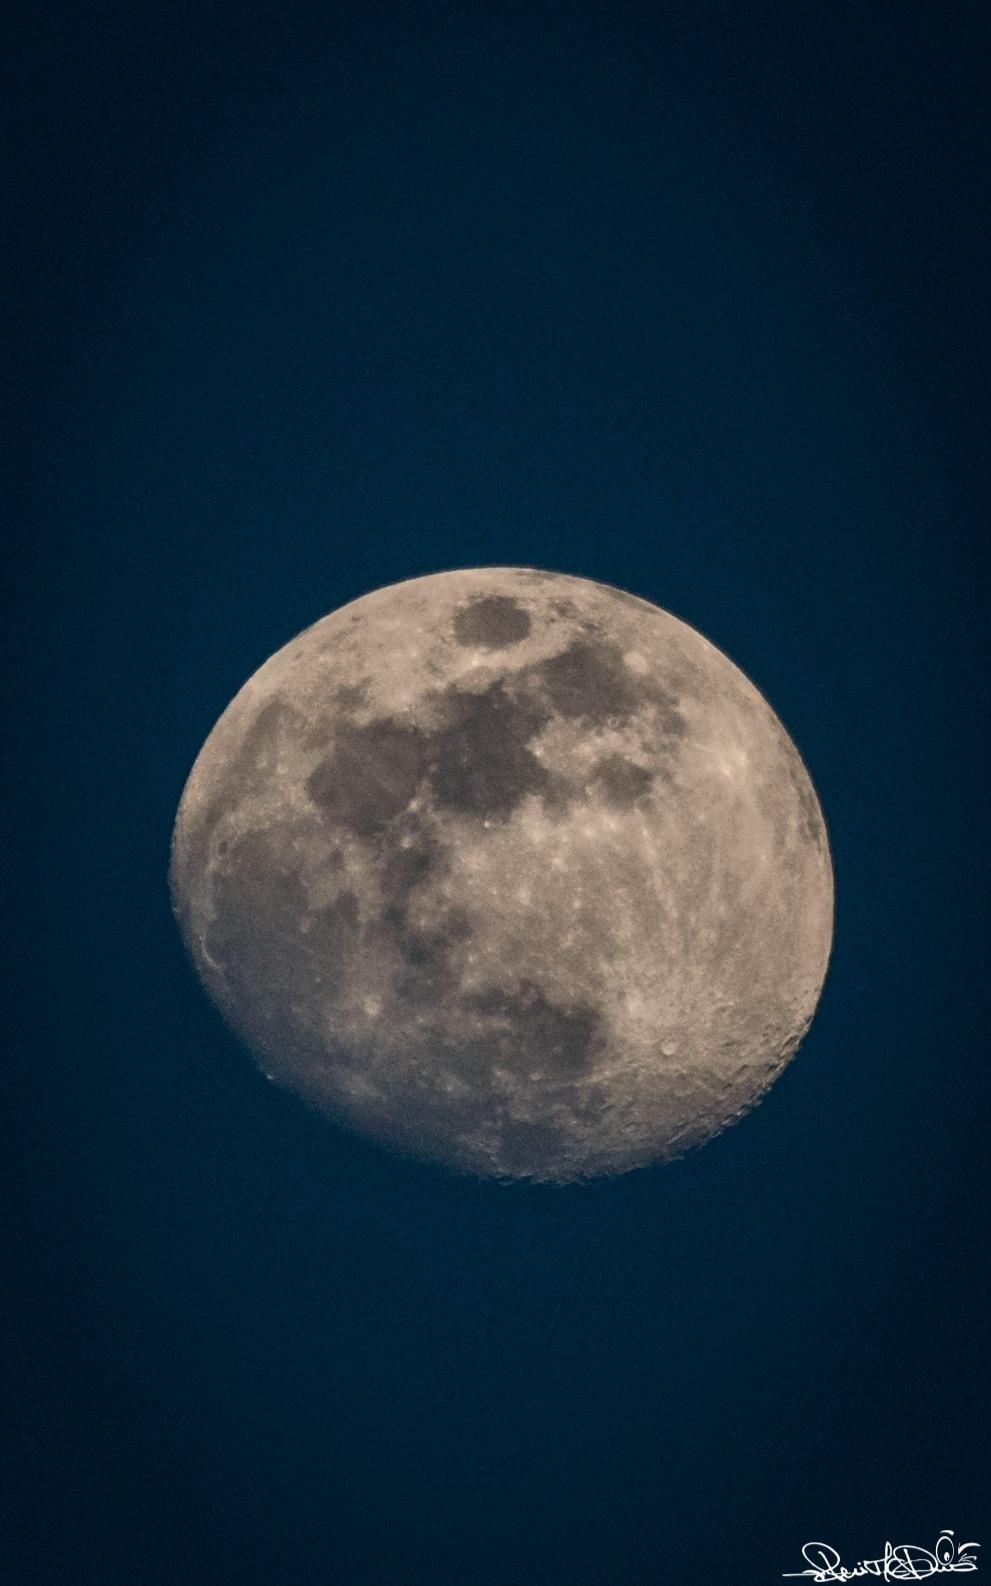 Moon by RuiMCDias